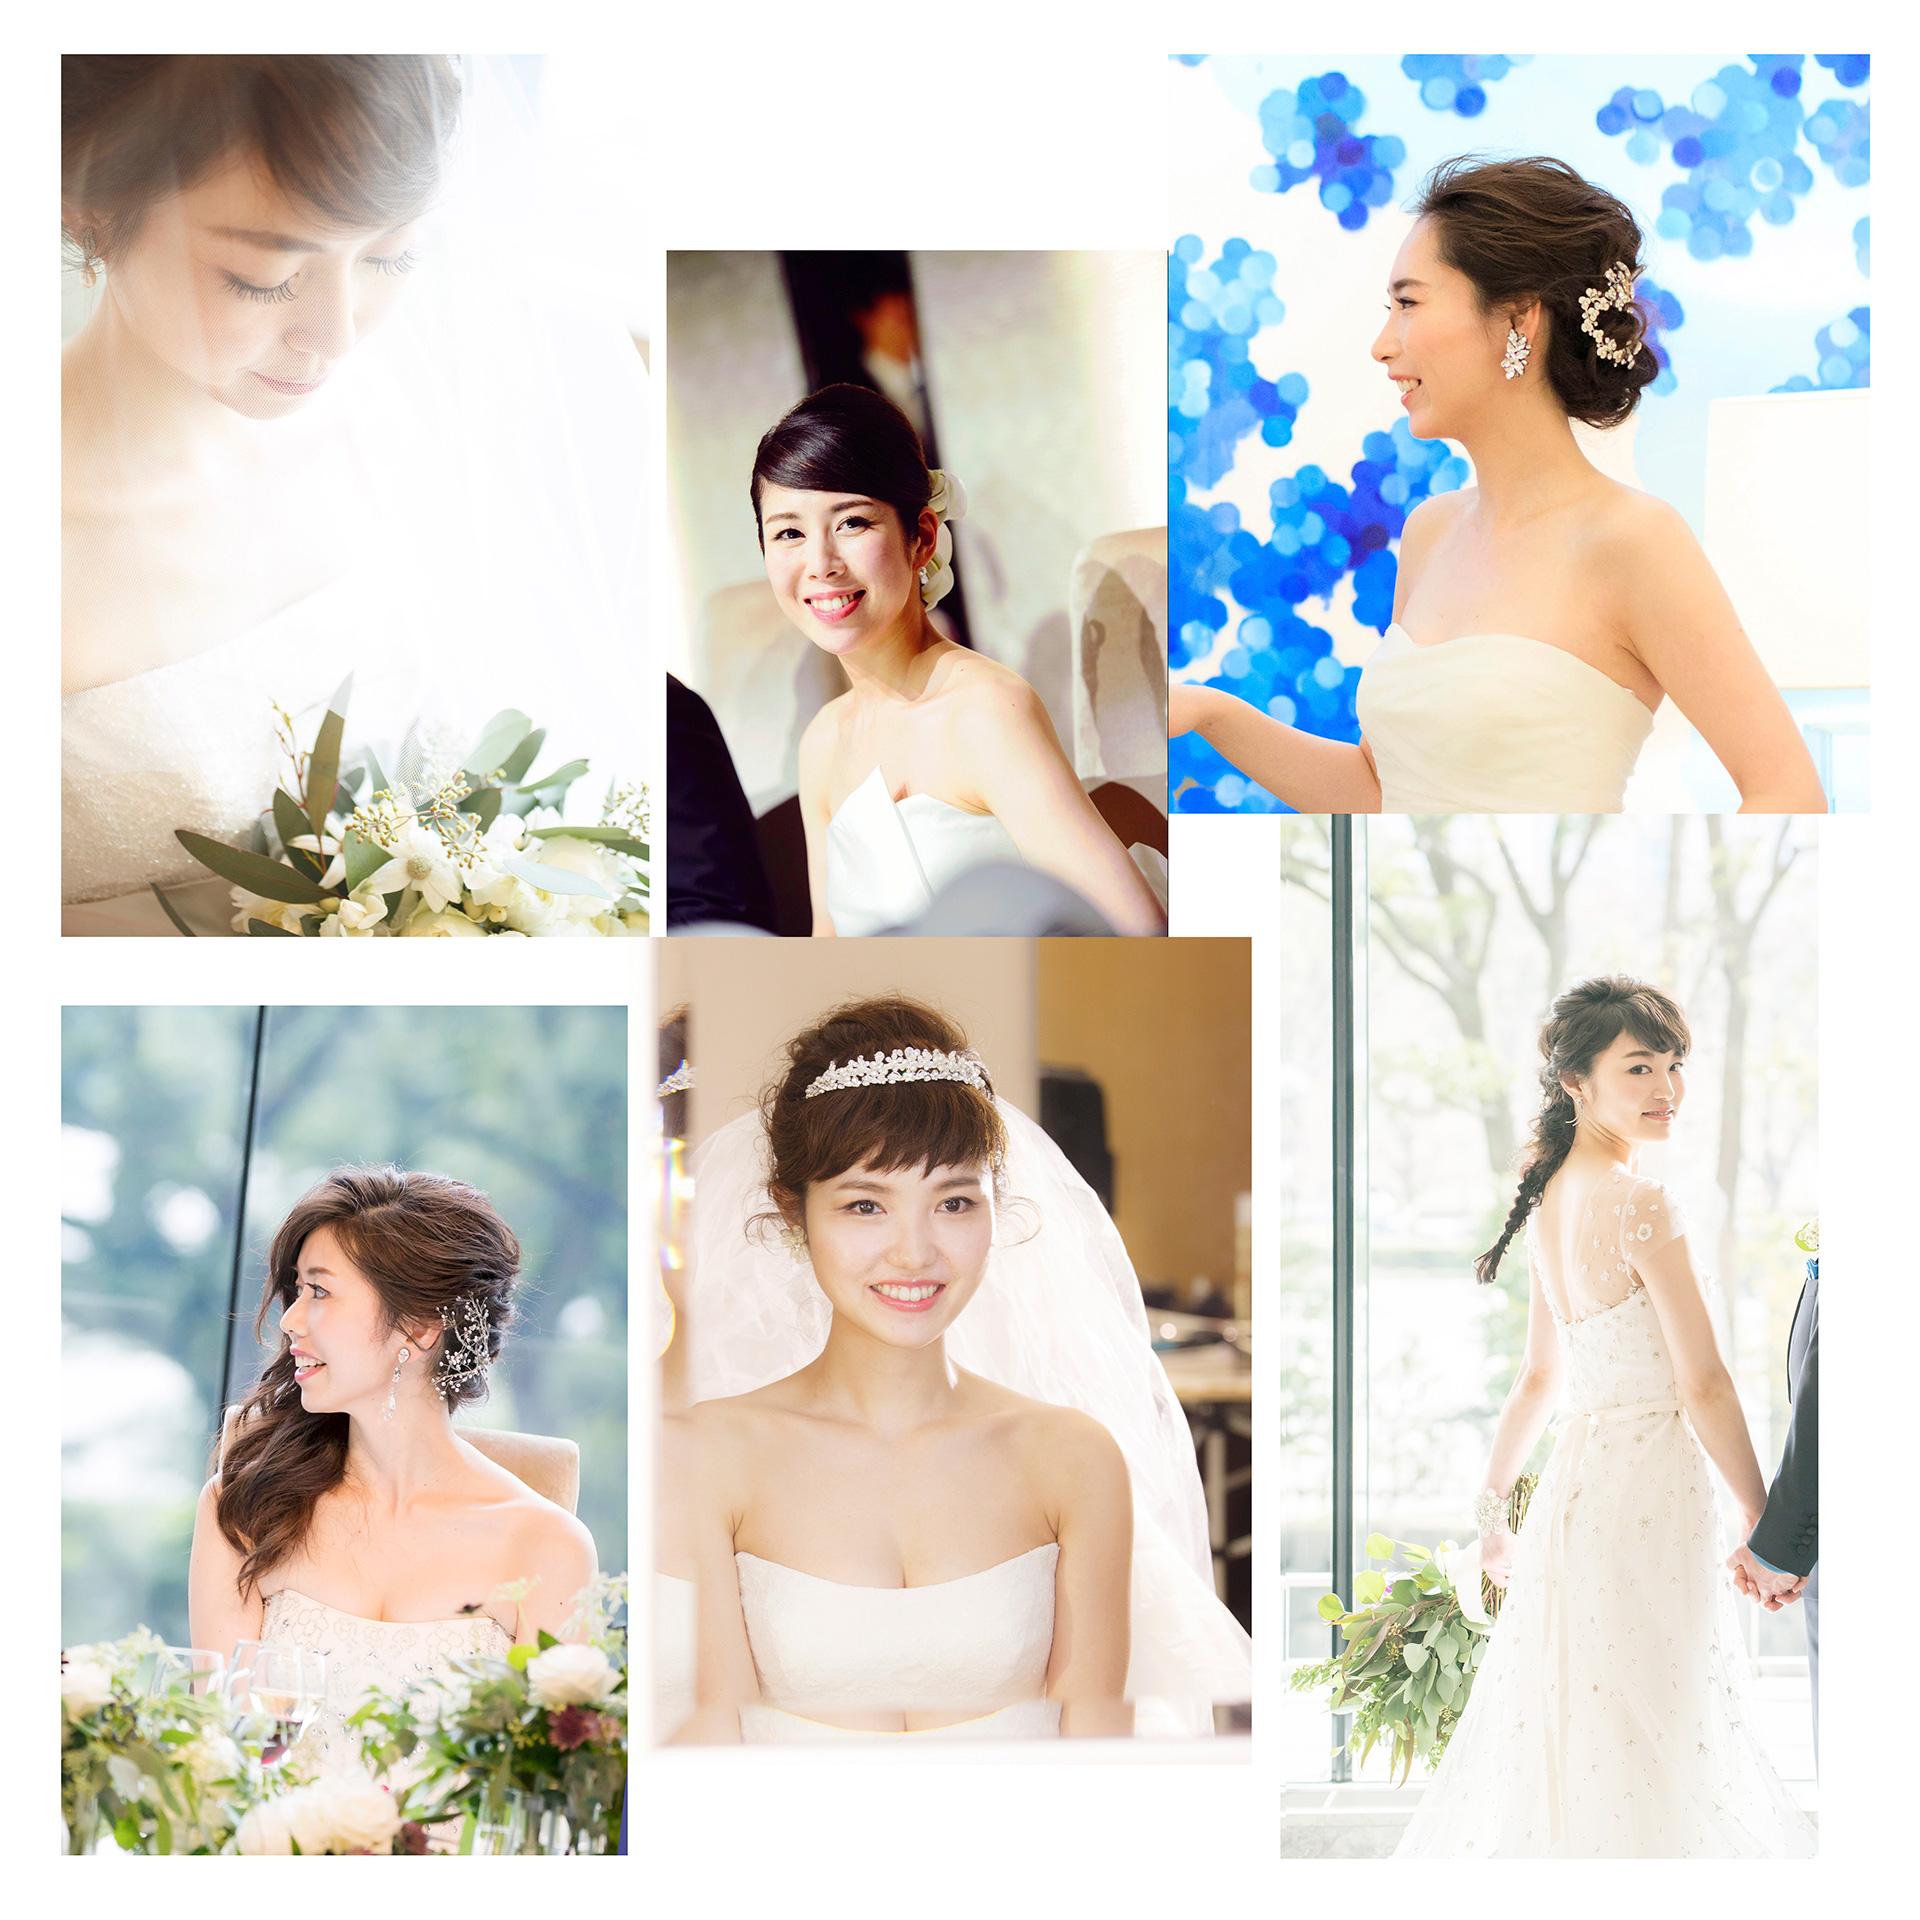 8月23日Wedding Event